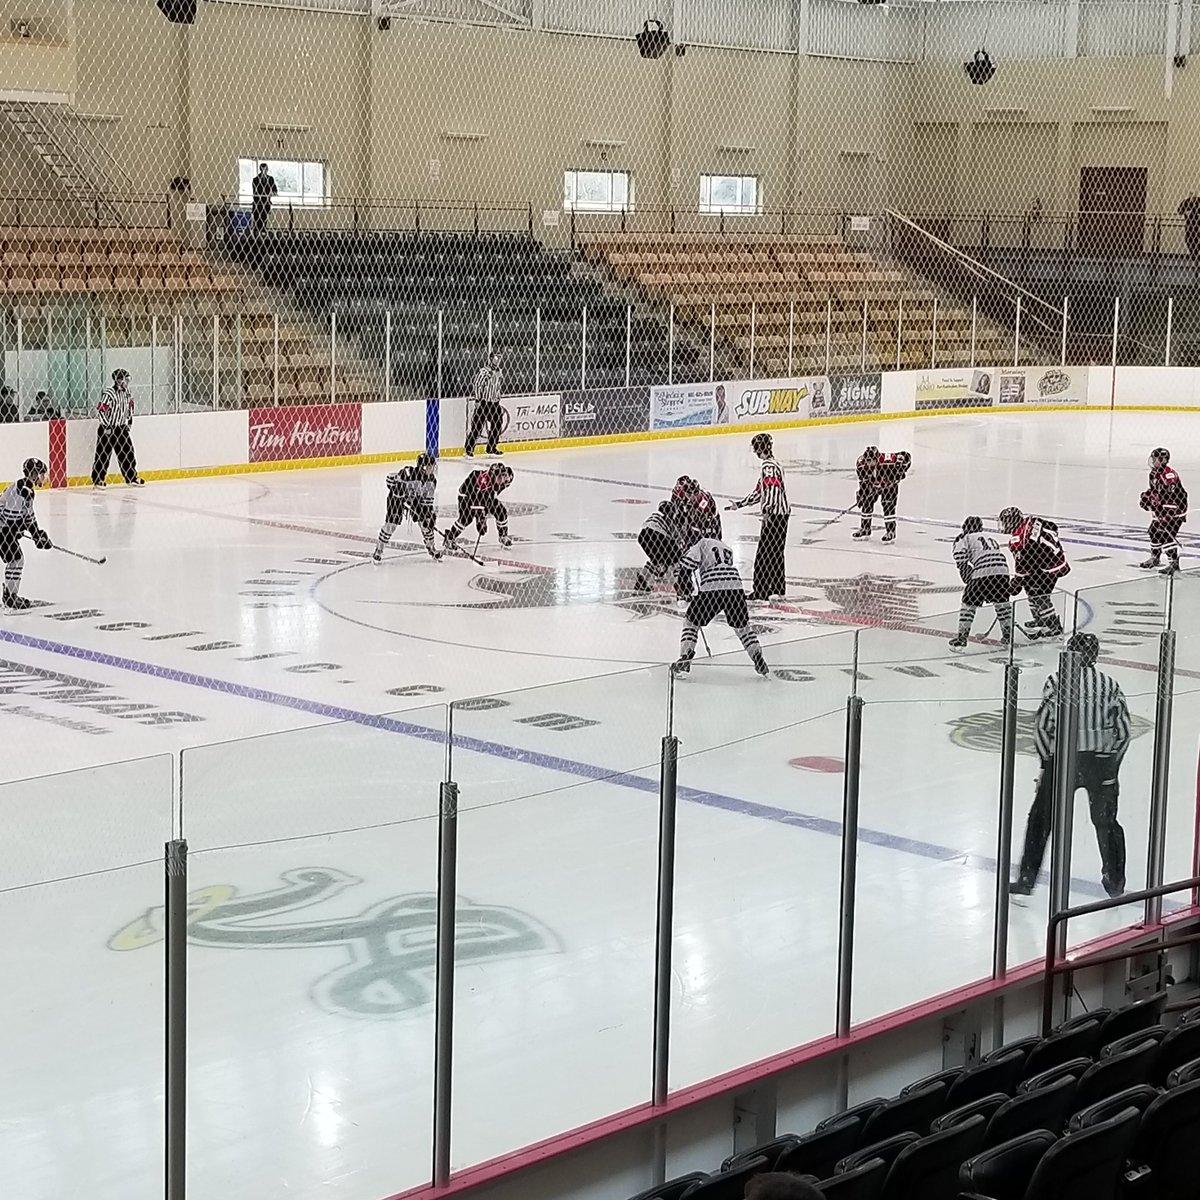 Nova Scotia Major Bantam Hockey League results (from Port Hawkesbury Sunday)